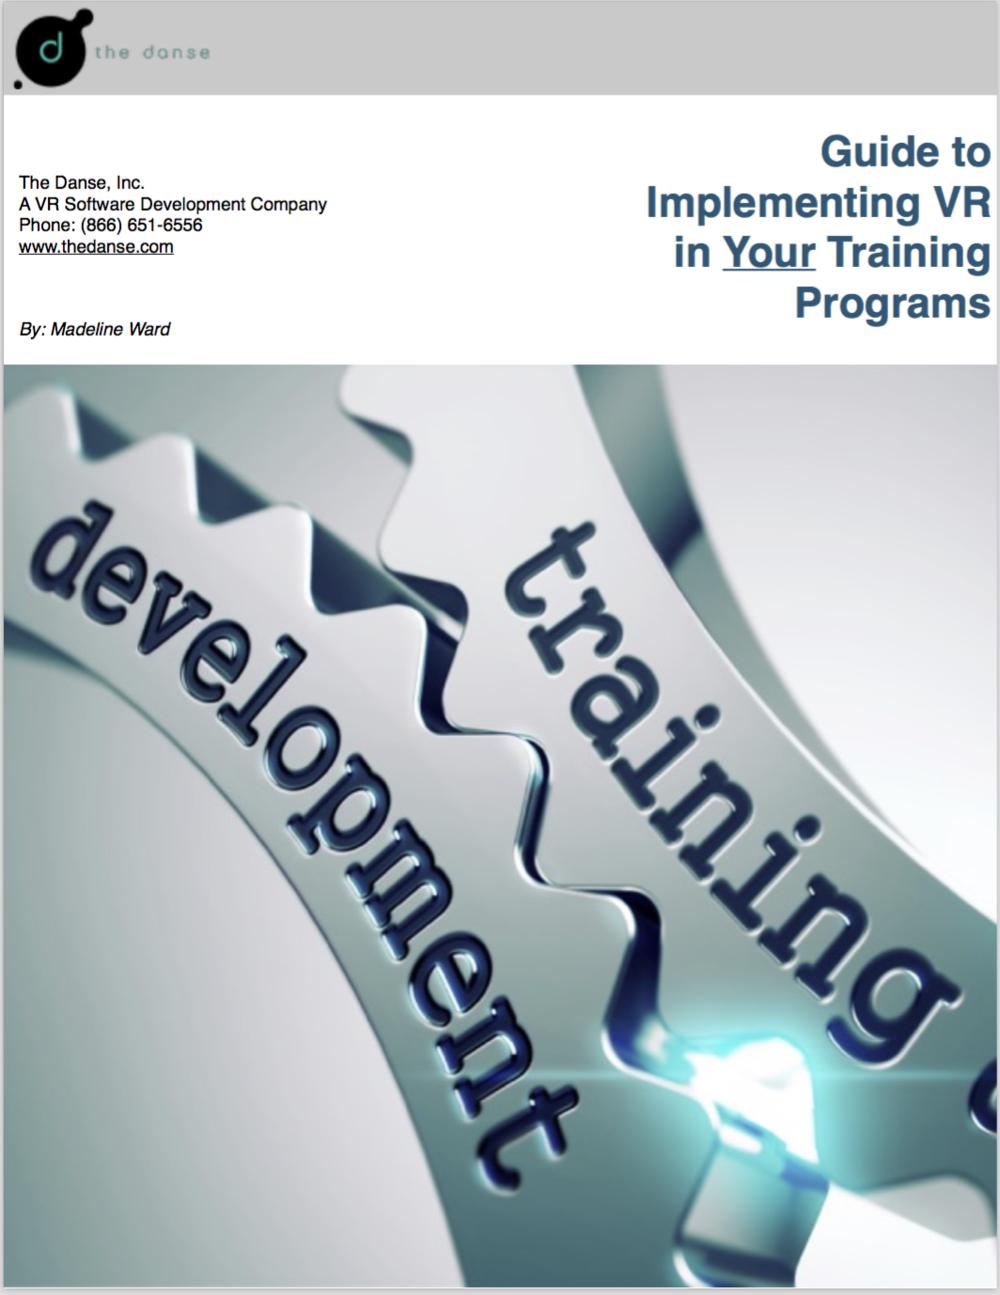 VRTrainingImplementationGuide.png